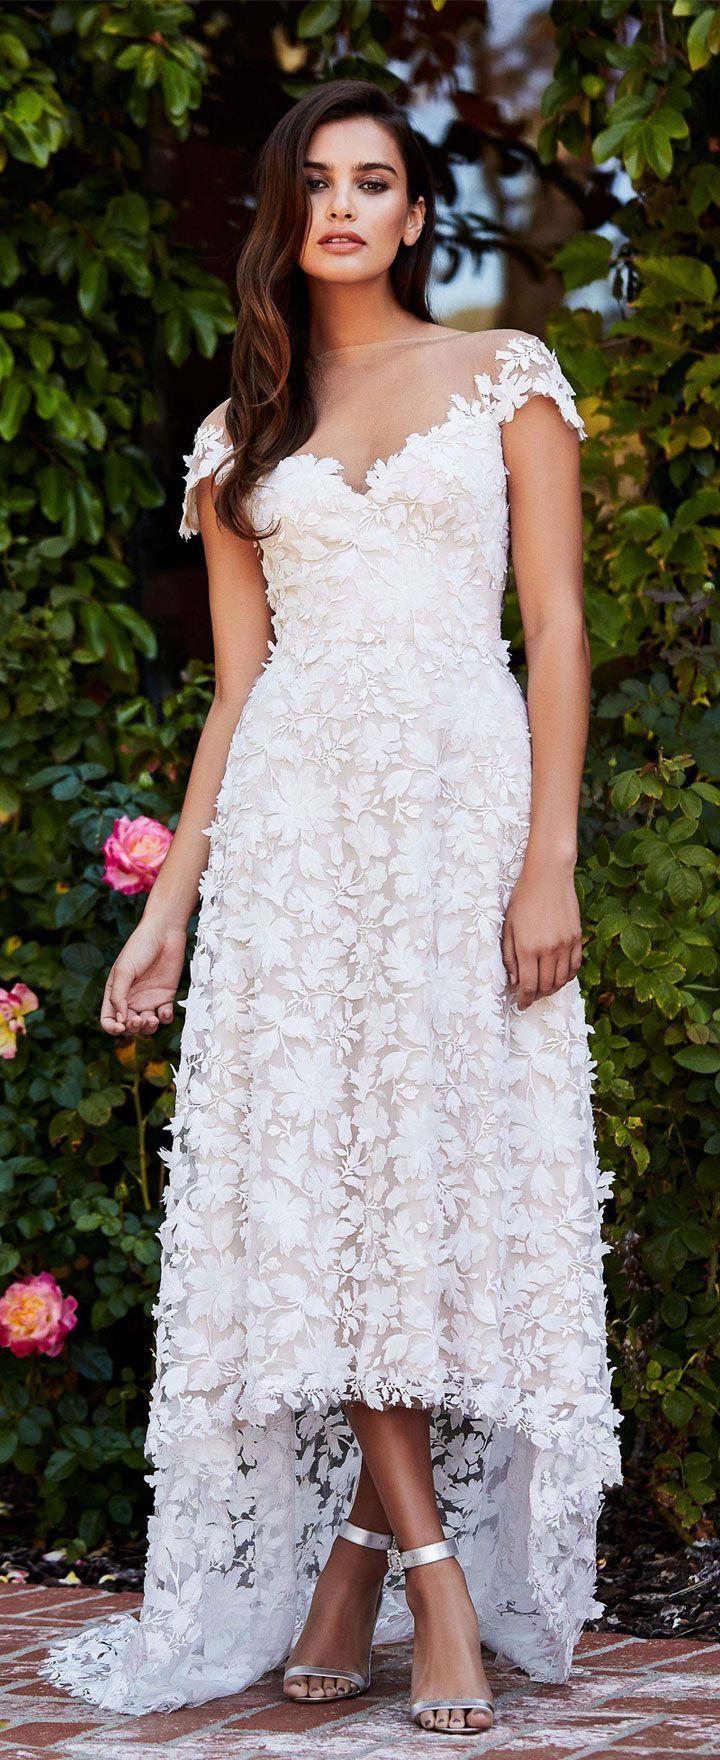 Cap sleeves a line wedding dress Tadashi Shoji bridal fall 2018 #weddingdress #wedding #weddinggown